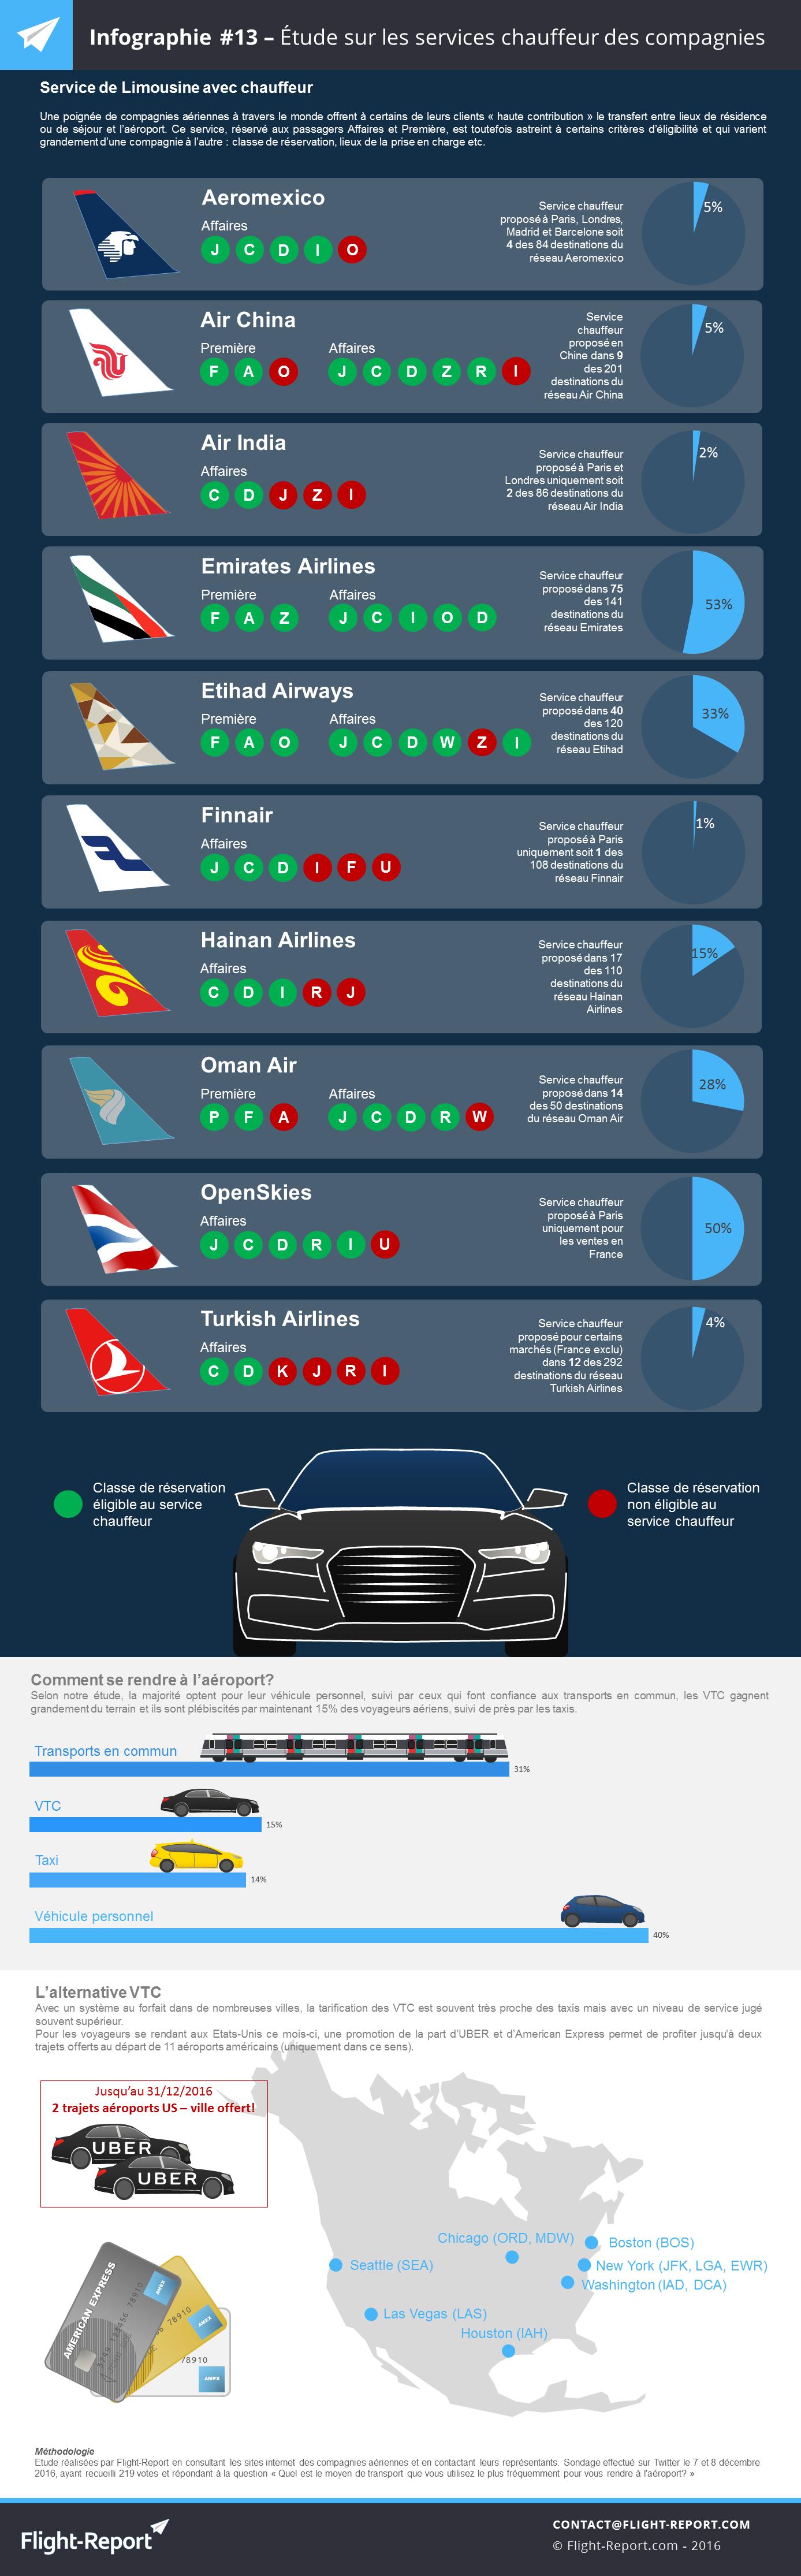 infographie-13-etude-sur-les-services-chauffeur-des-compagnies